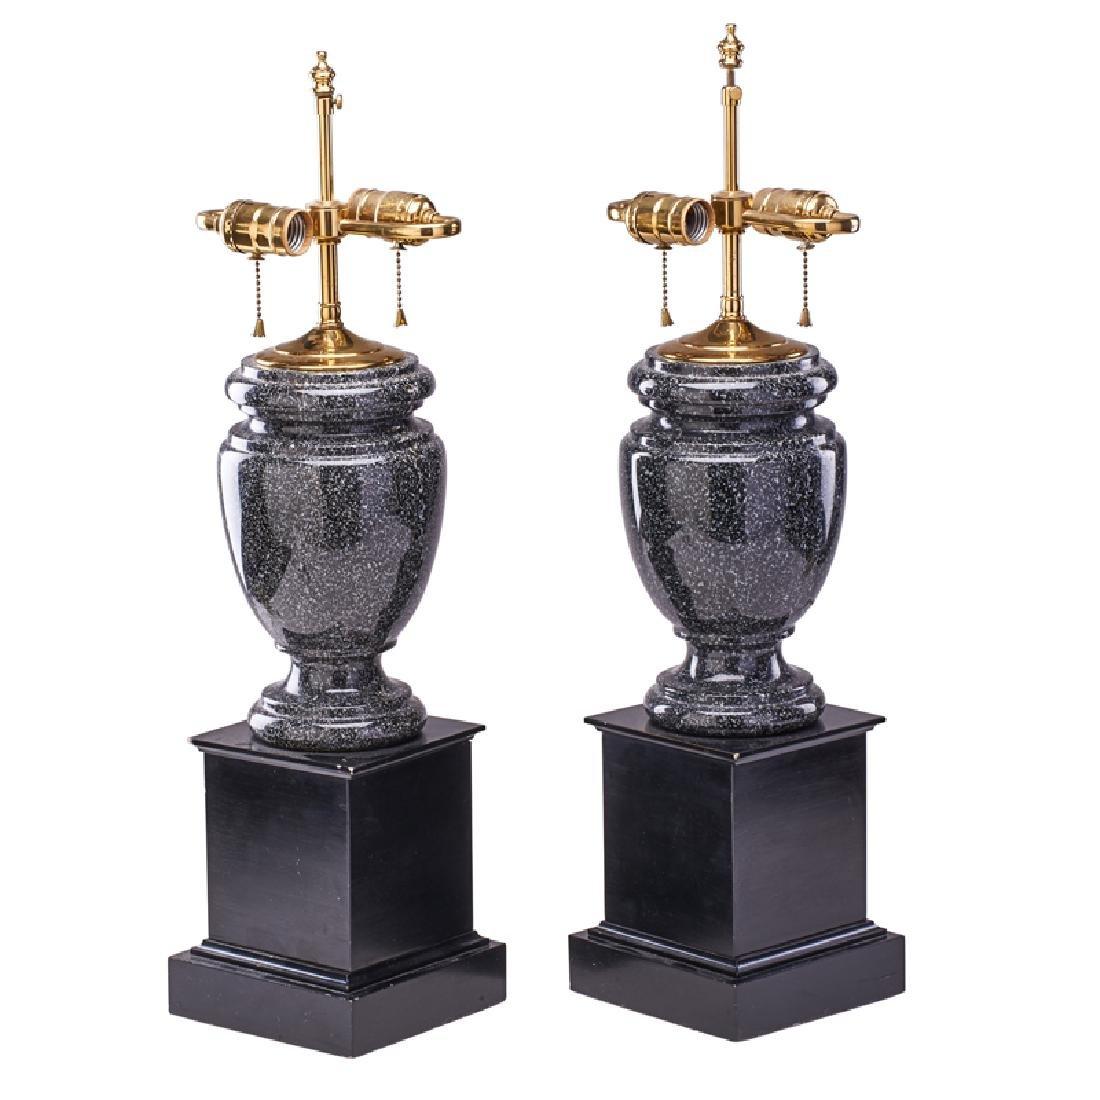 PAIR OF POLISHED GRANITE LAMPS